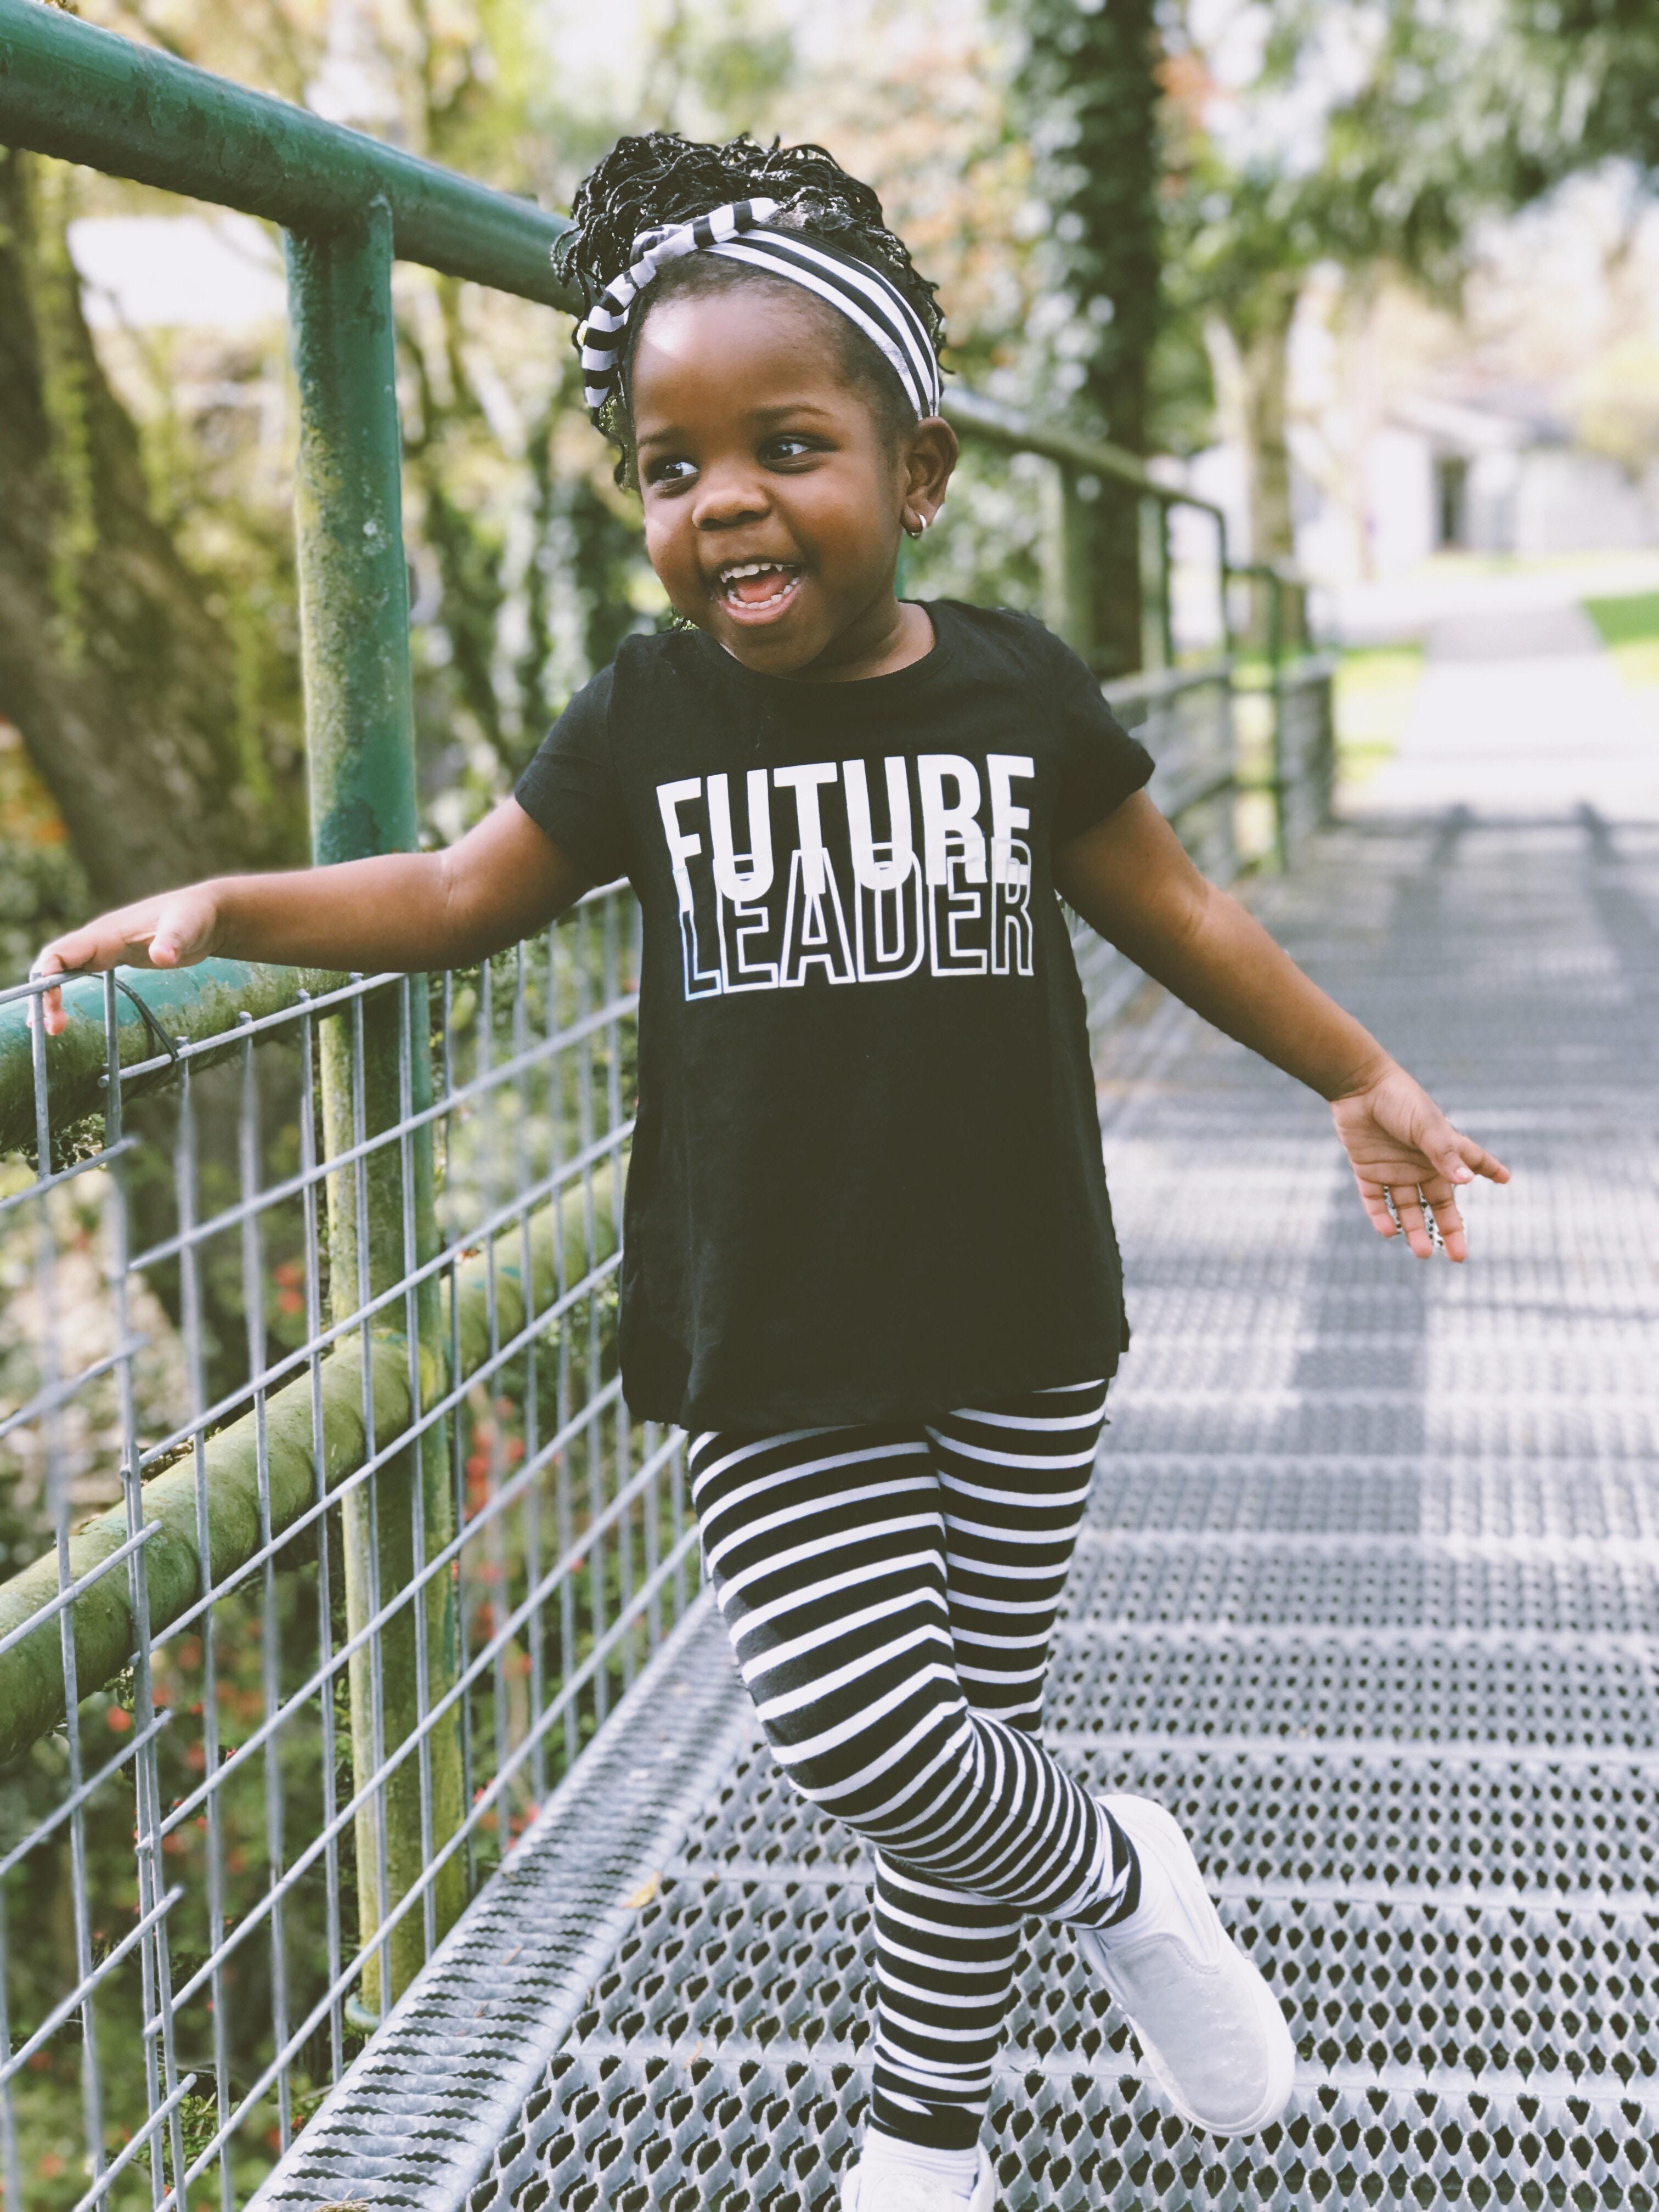 Tulevaisuuden johtaja